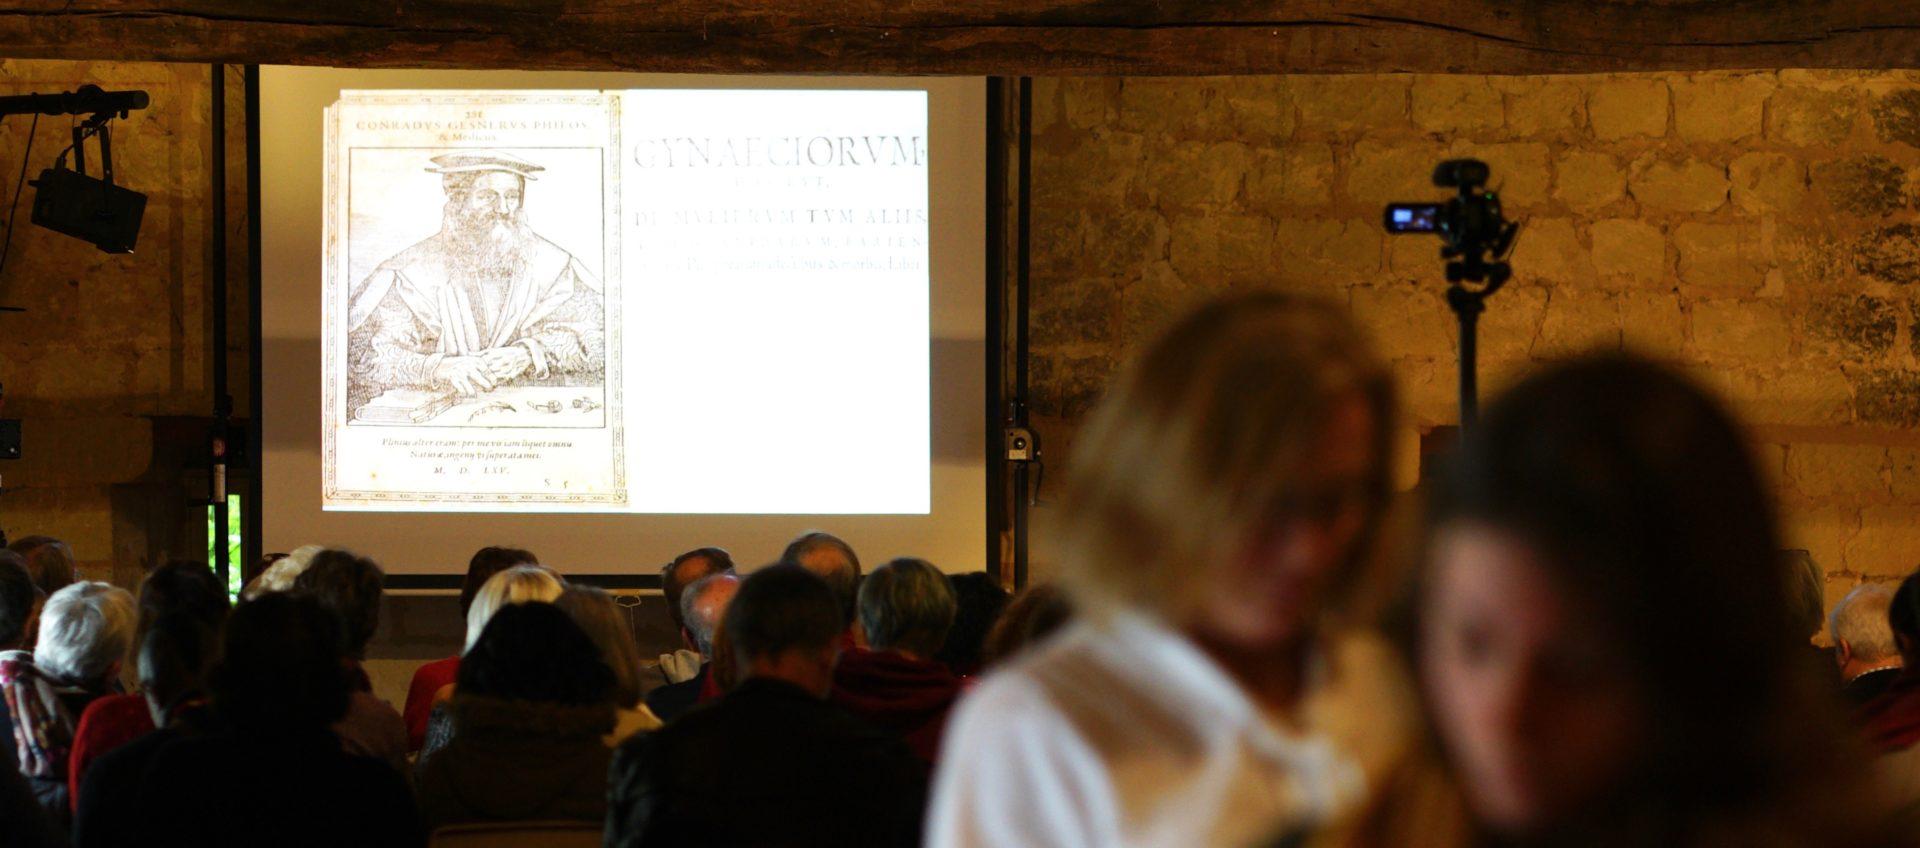 Rabelais, du vin et des idées